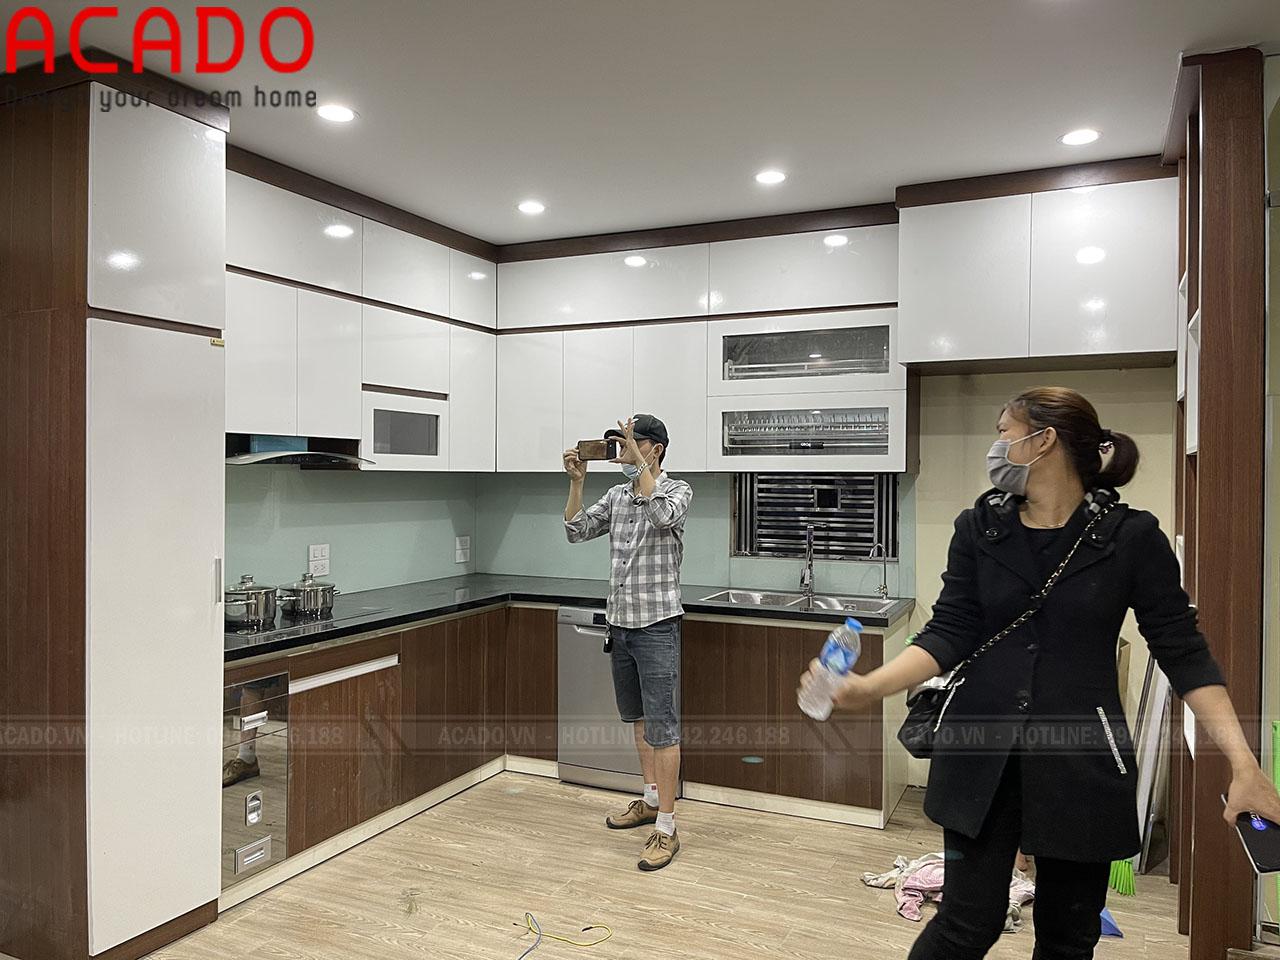 Tủ bếp kết hợp hài hòa giữa trắng và vân gỗ tạo không gian sang trọng, lung linh cho căn bếp